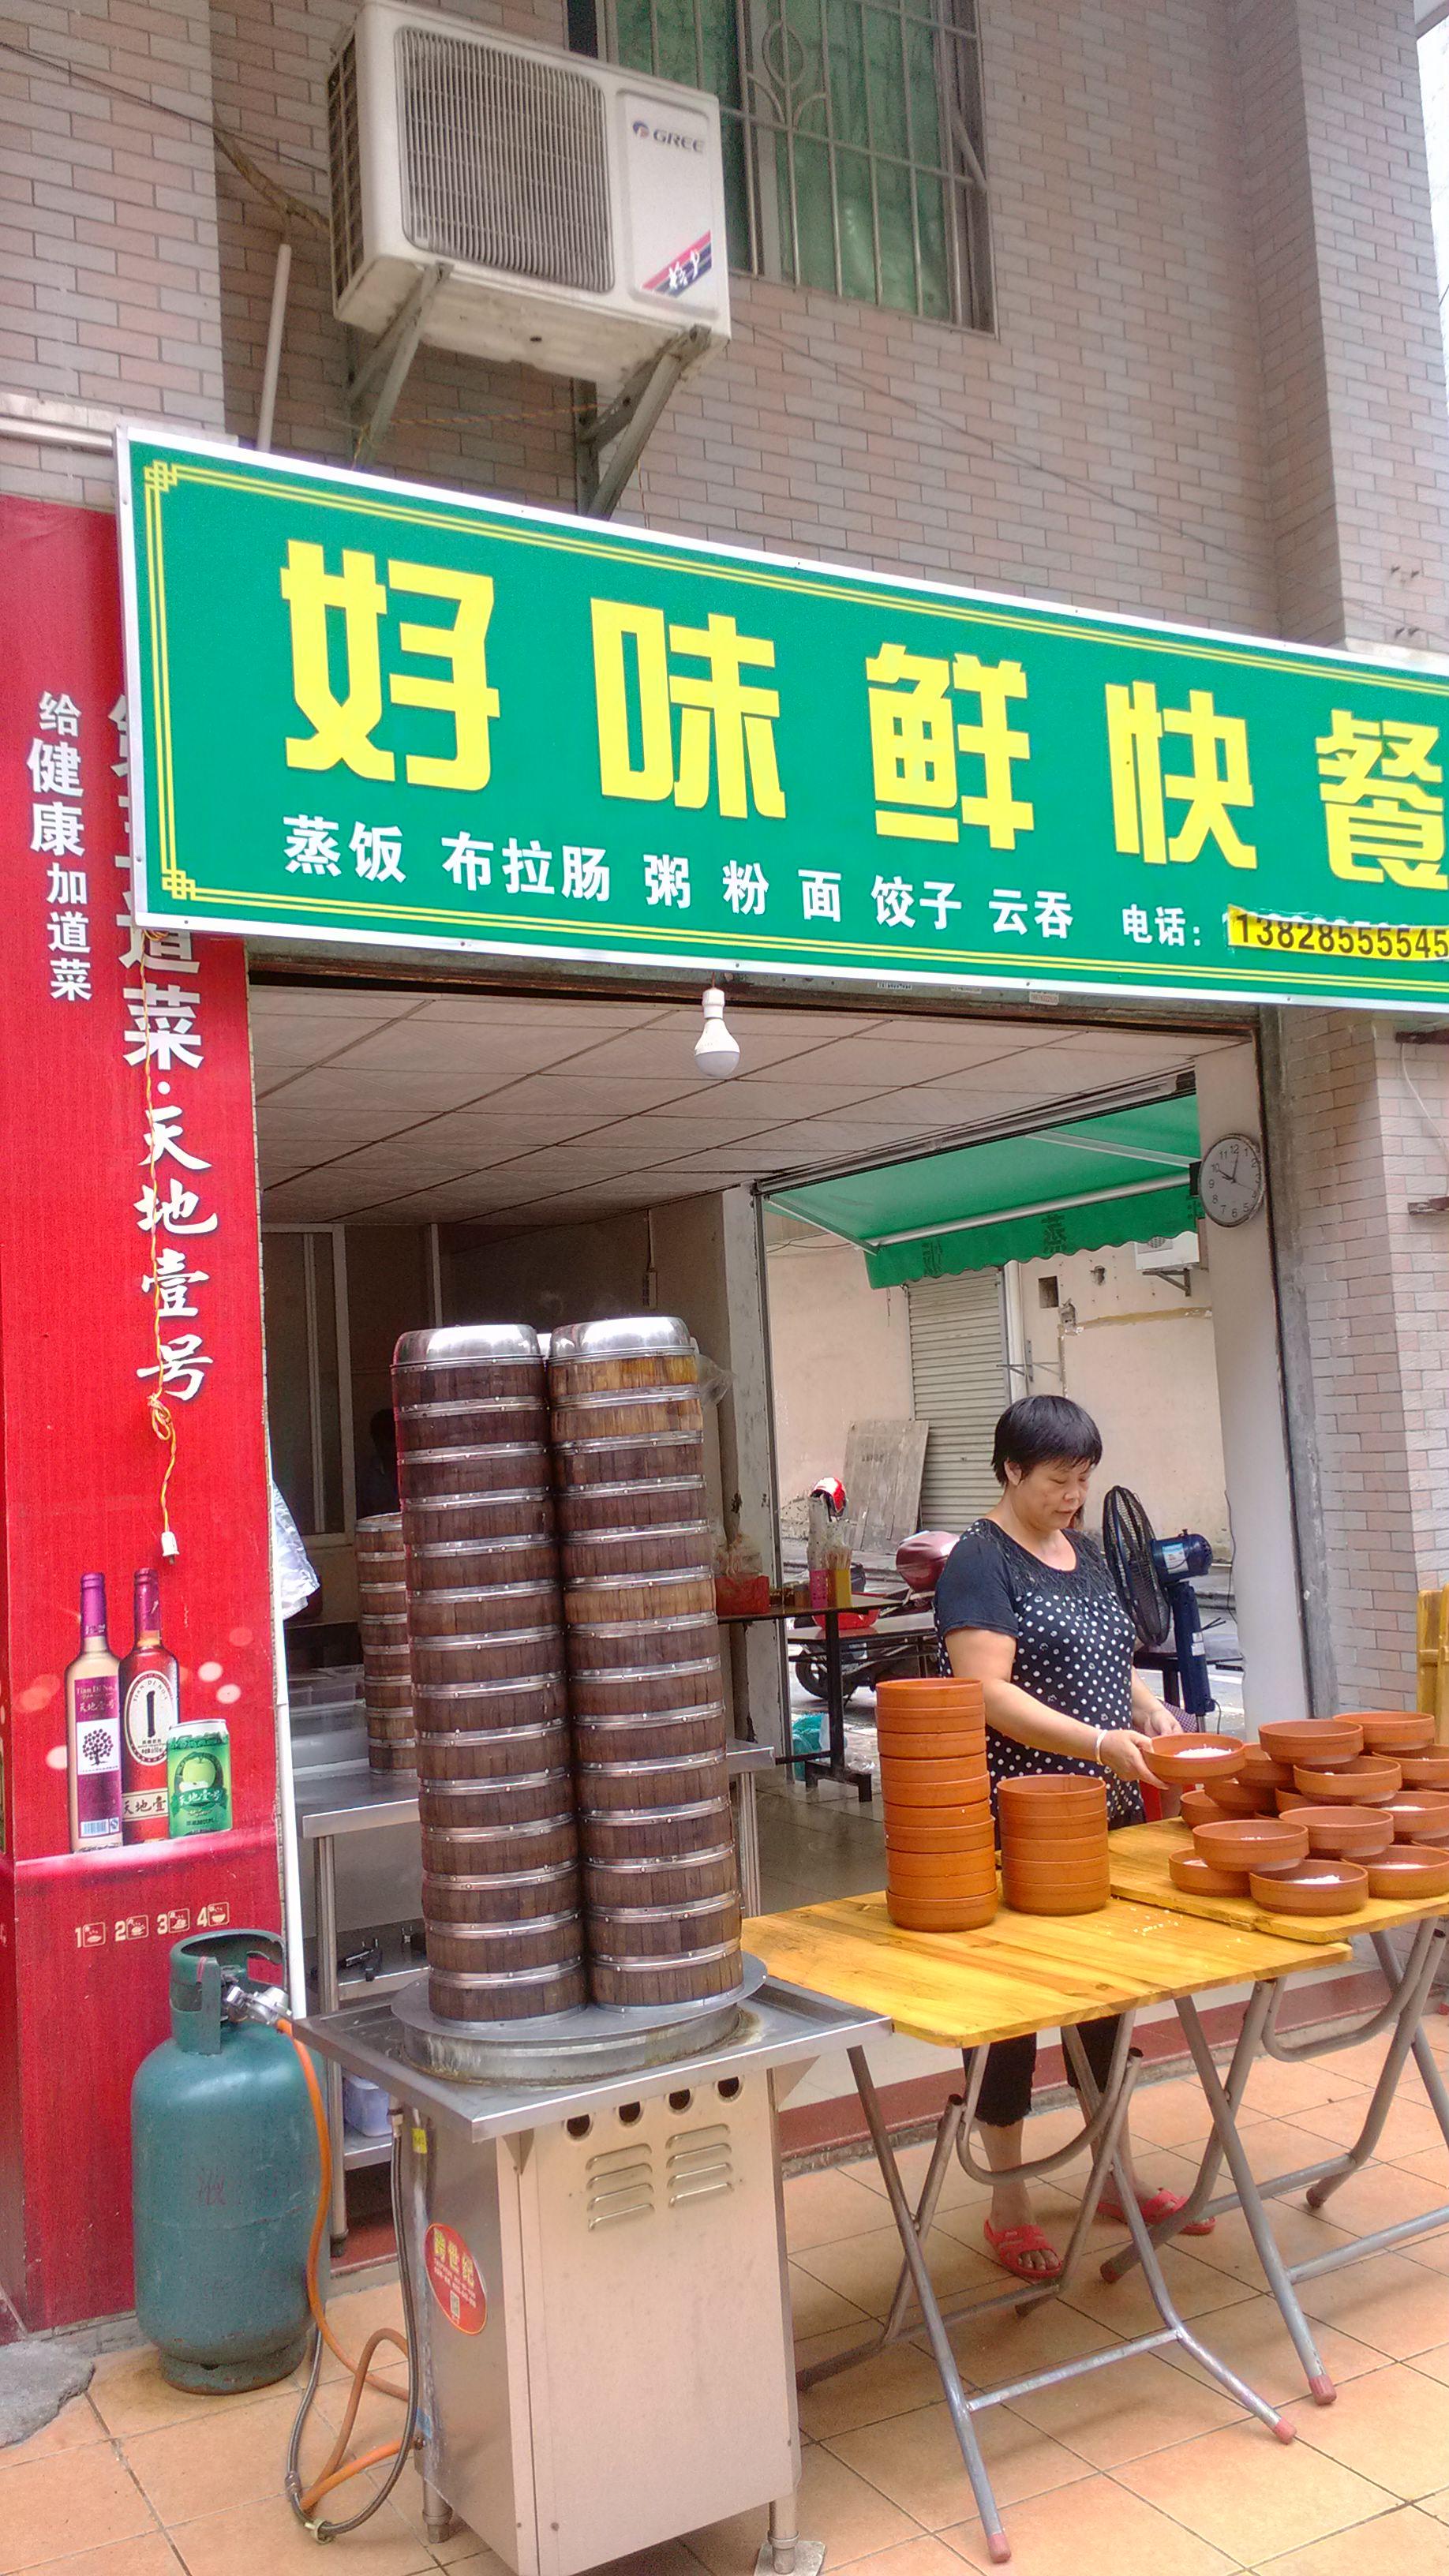 新款早餐用的设备在哪可以买到-定制蒸肠粉机